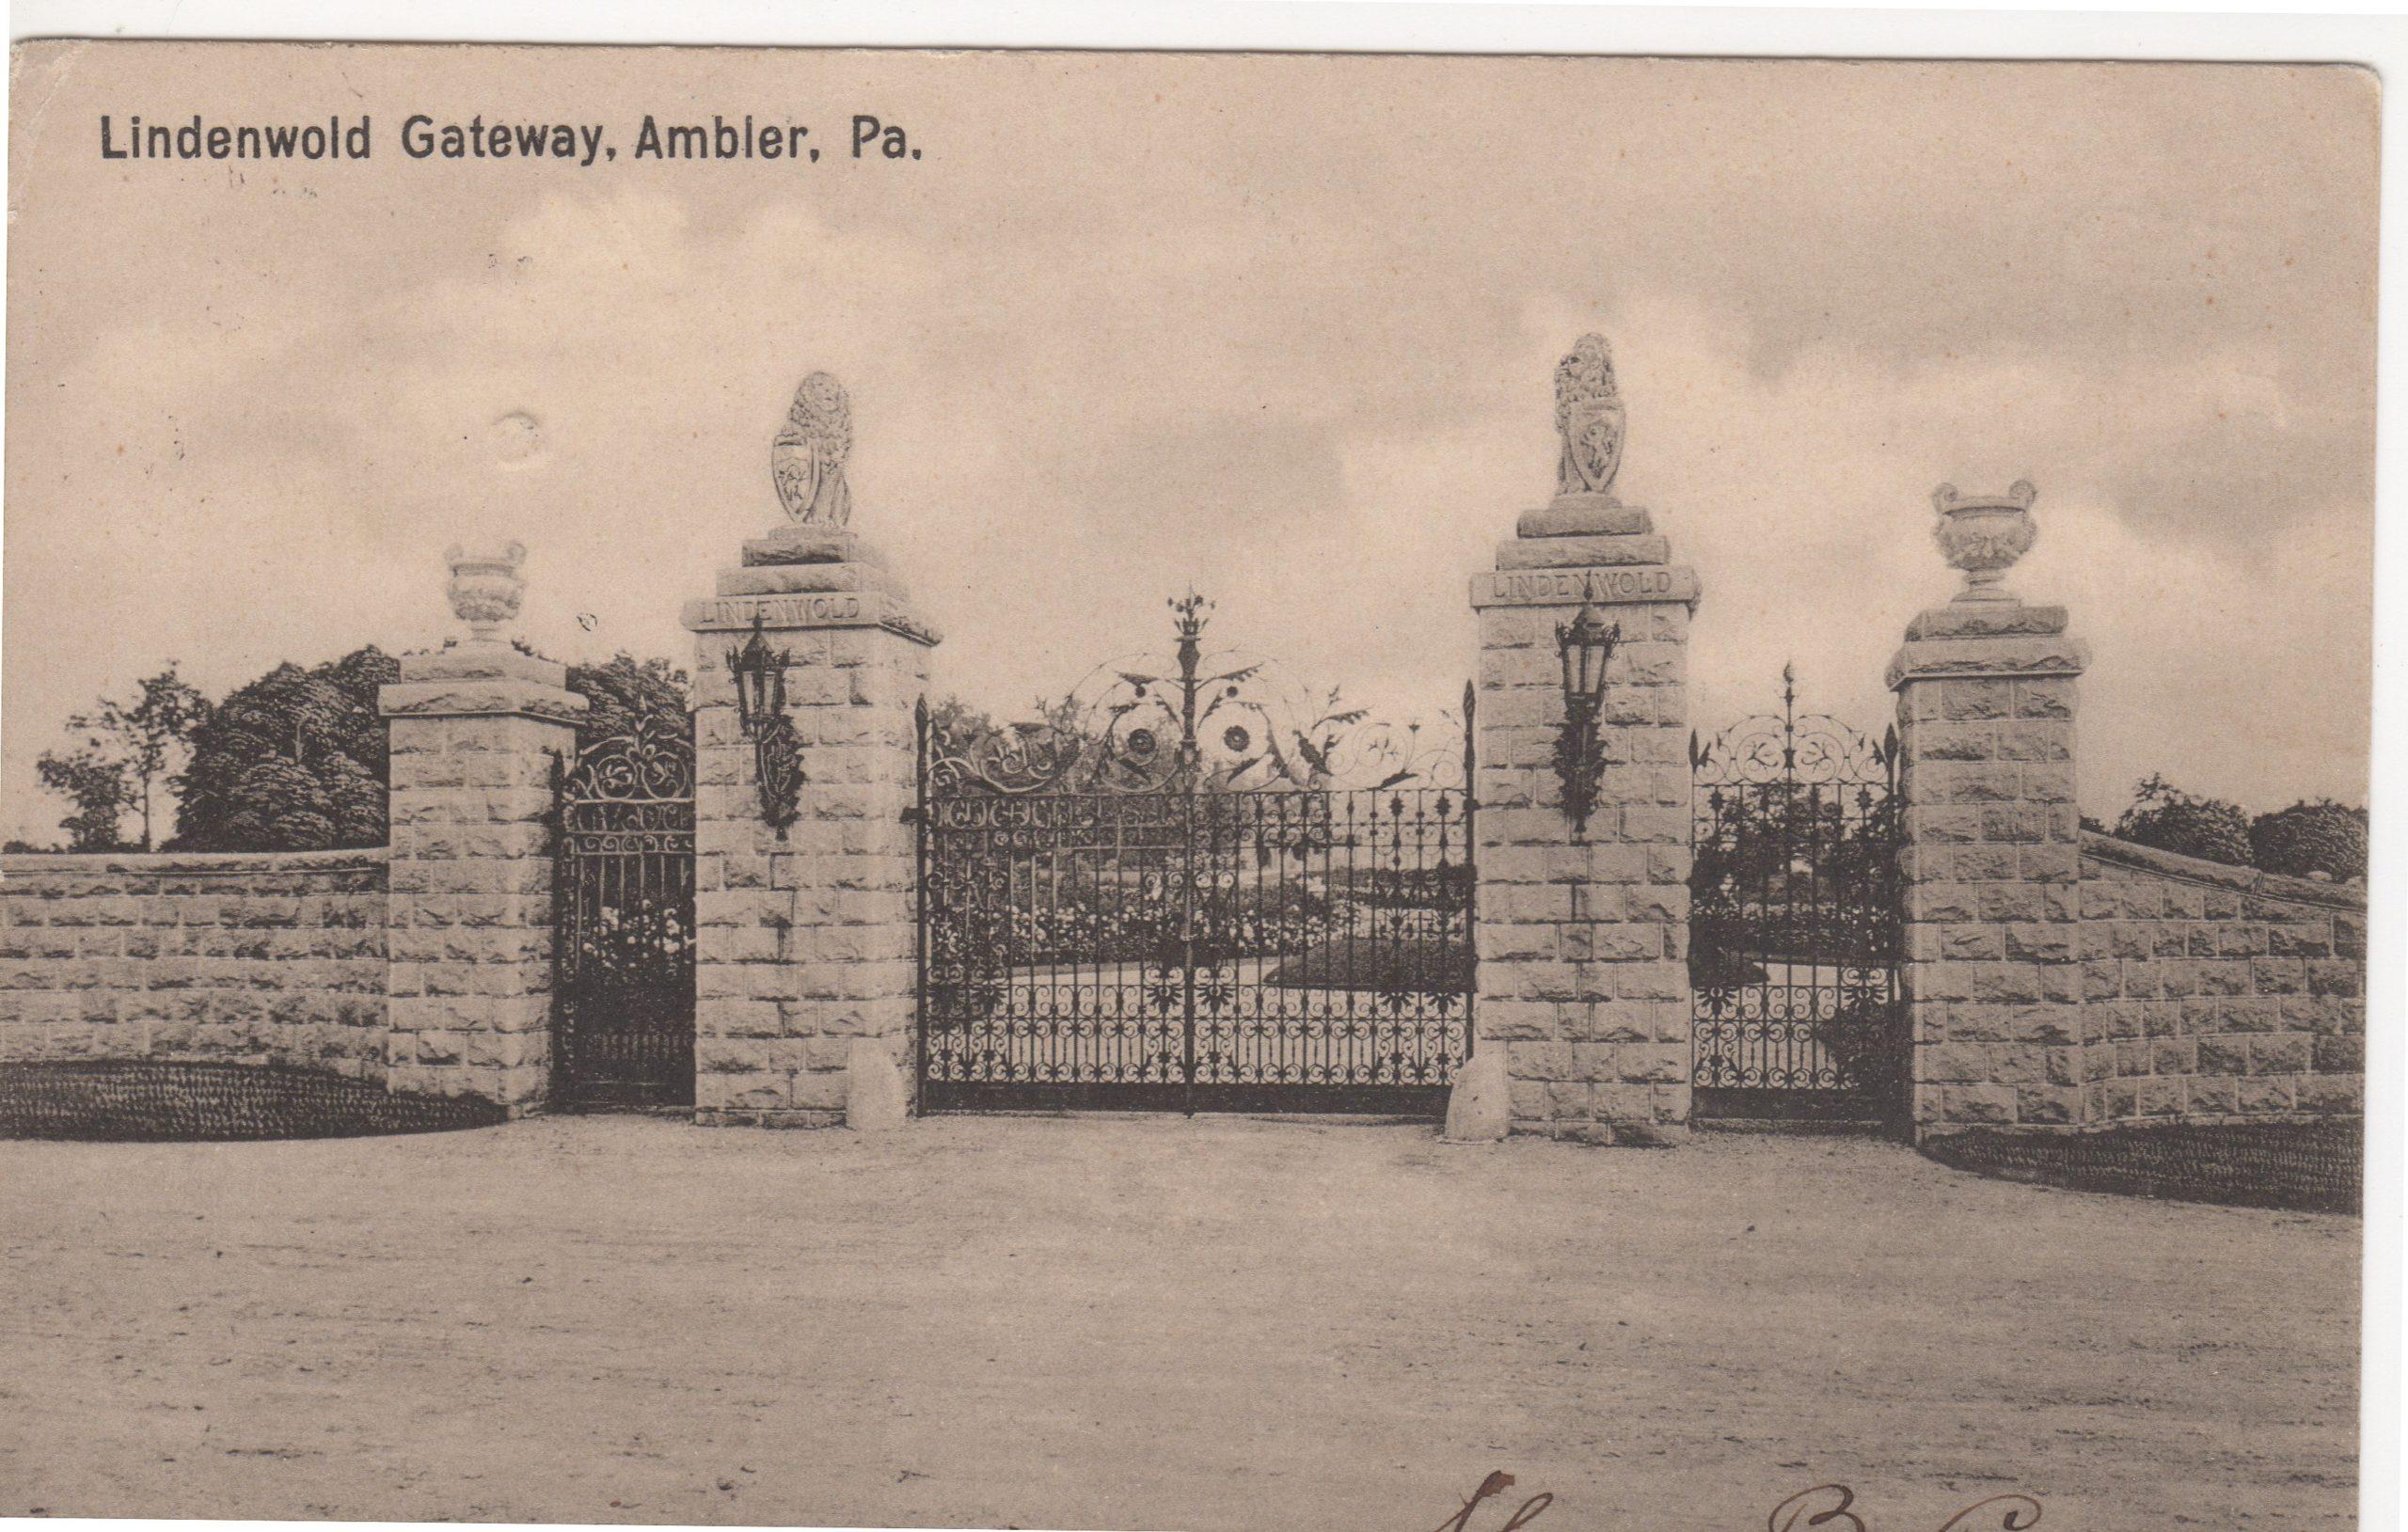 4125.97 Ambler Pa Postcard_Lindenwold Gateway_ circa 1904